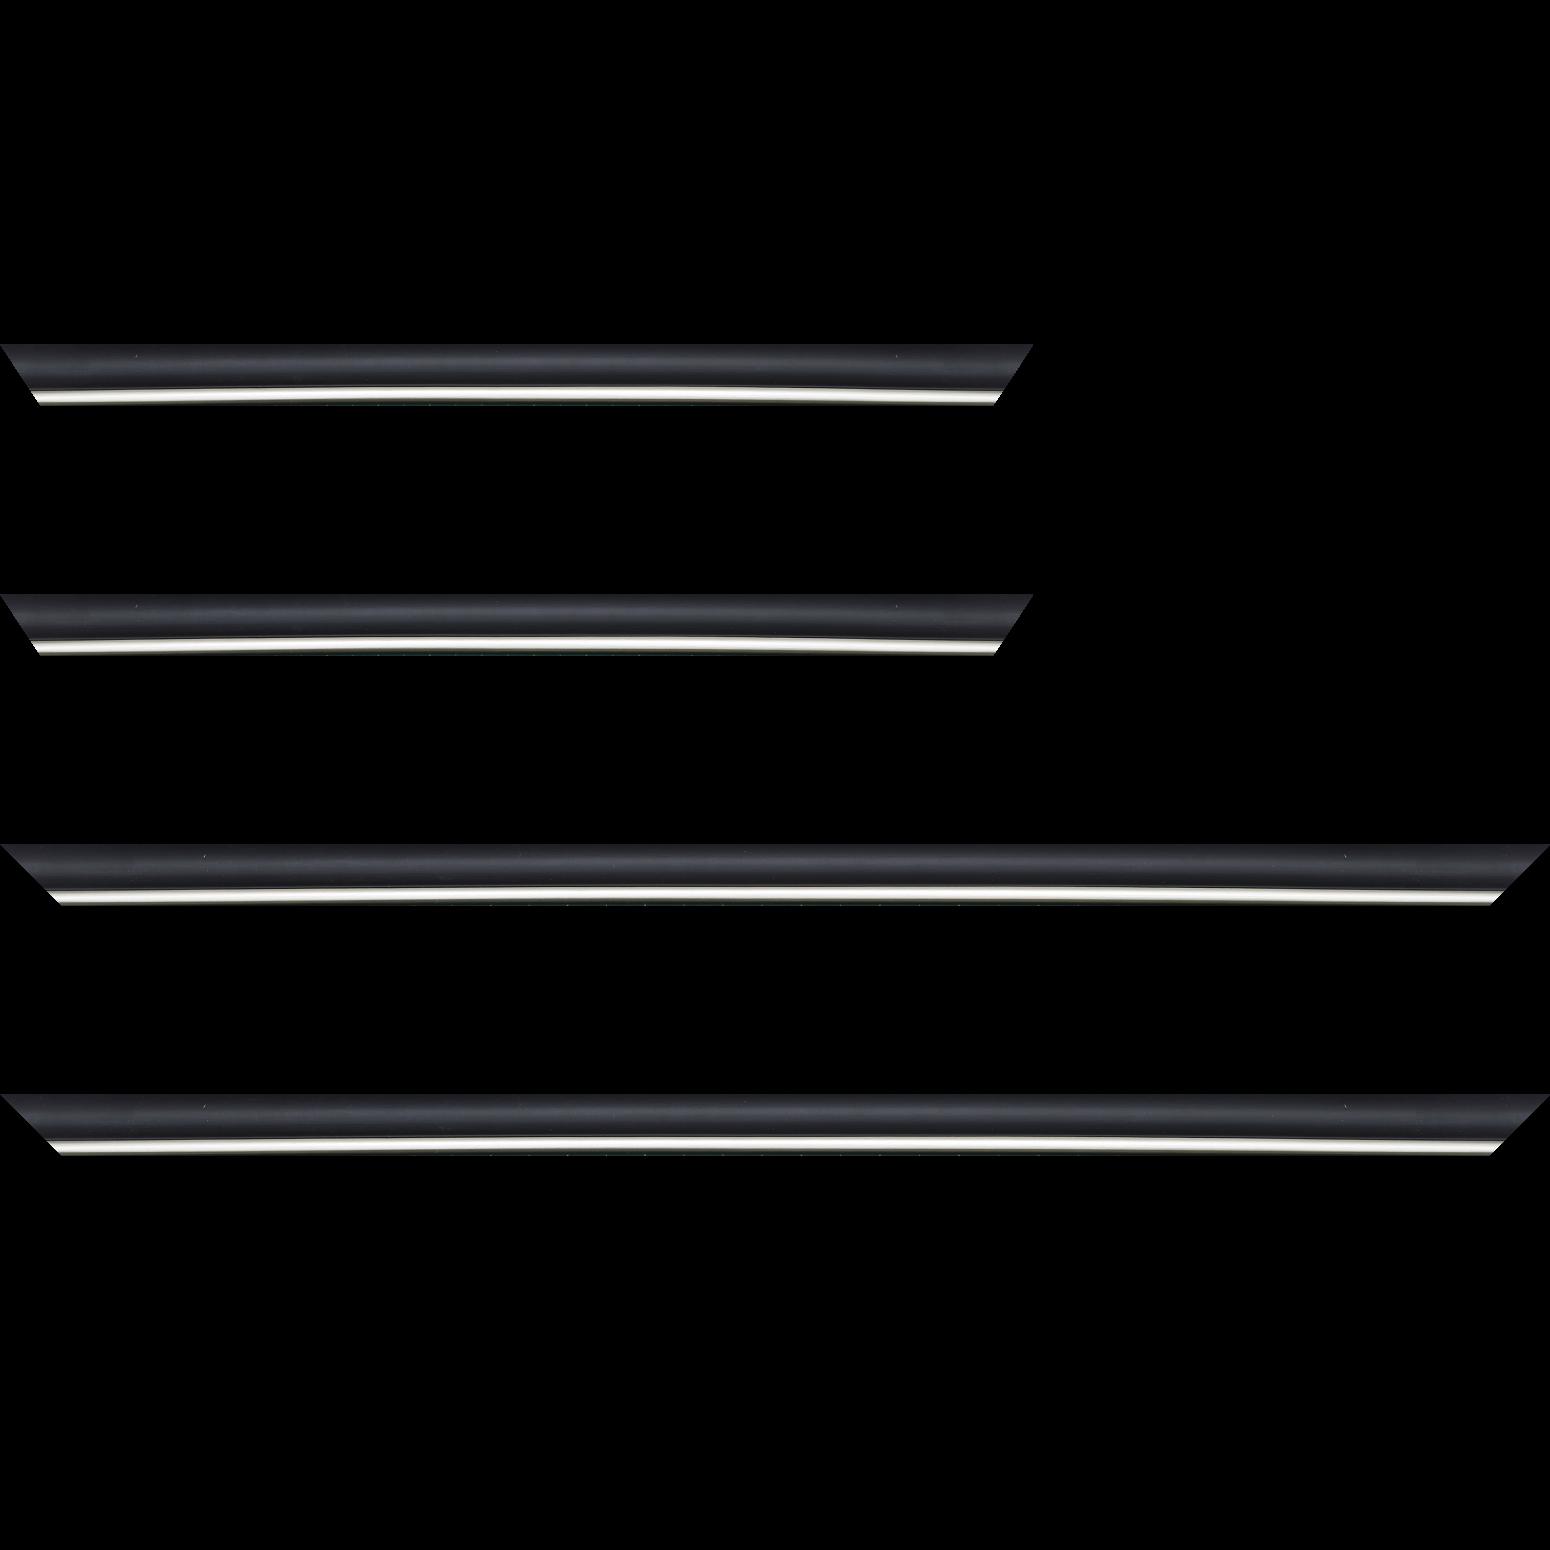 Baguette service précoupé Bois profil arrondi largeur 2.1cm couleur noir mat filet argent